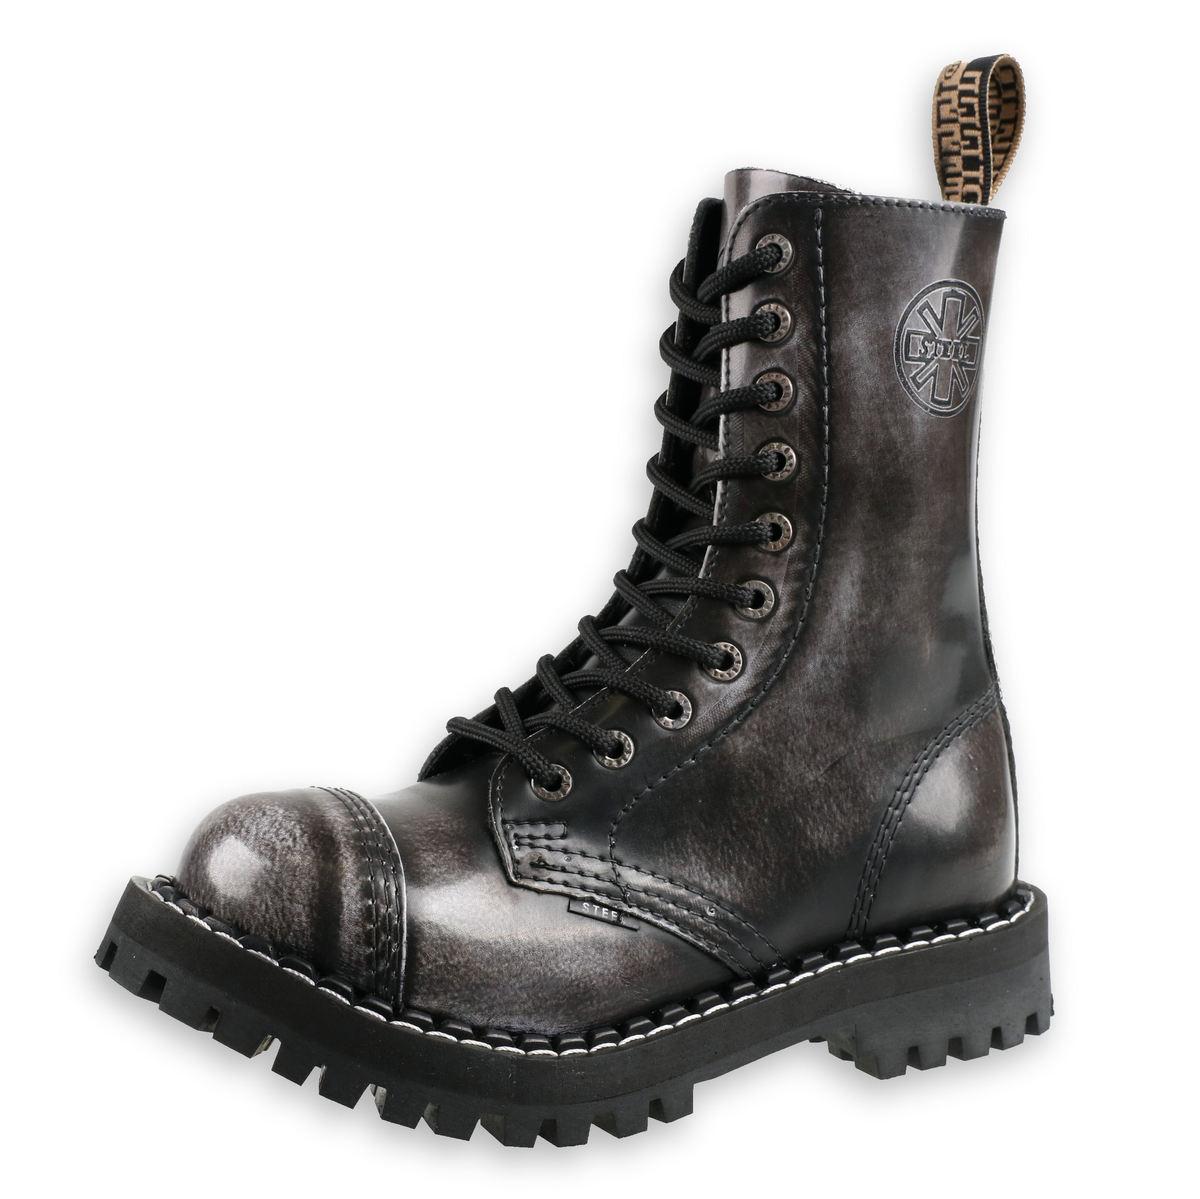 Vans, Authentic cipő batikolt mintával, Színes, 7